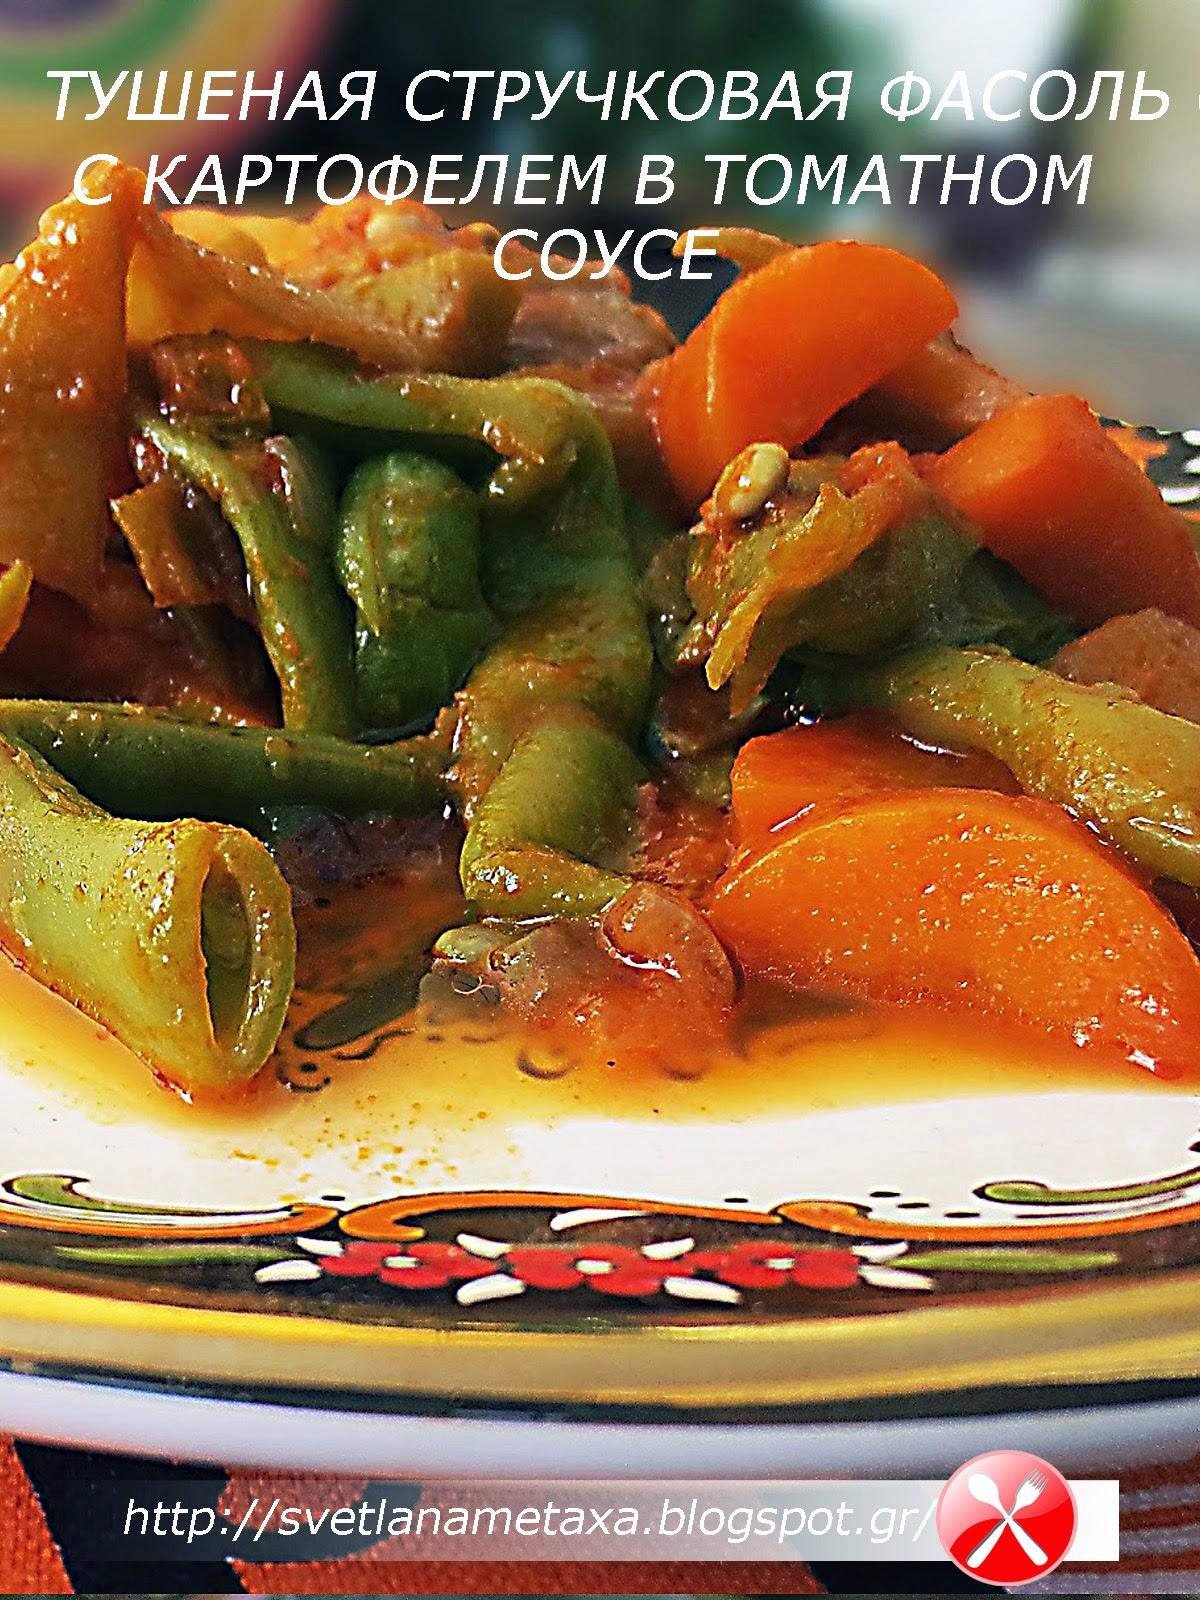 Рецепт из стручковой фасоли и картофеля